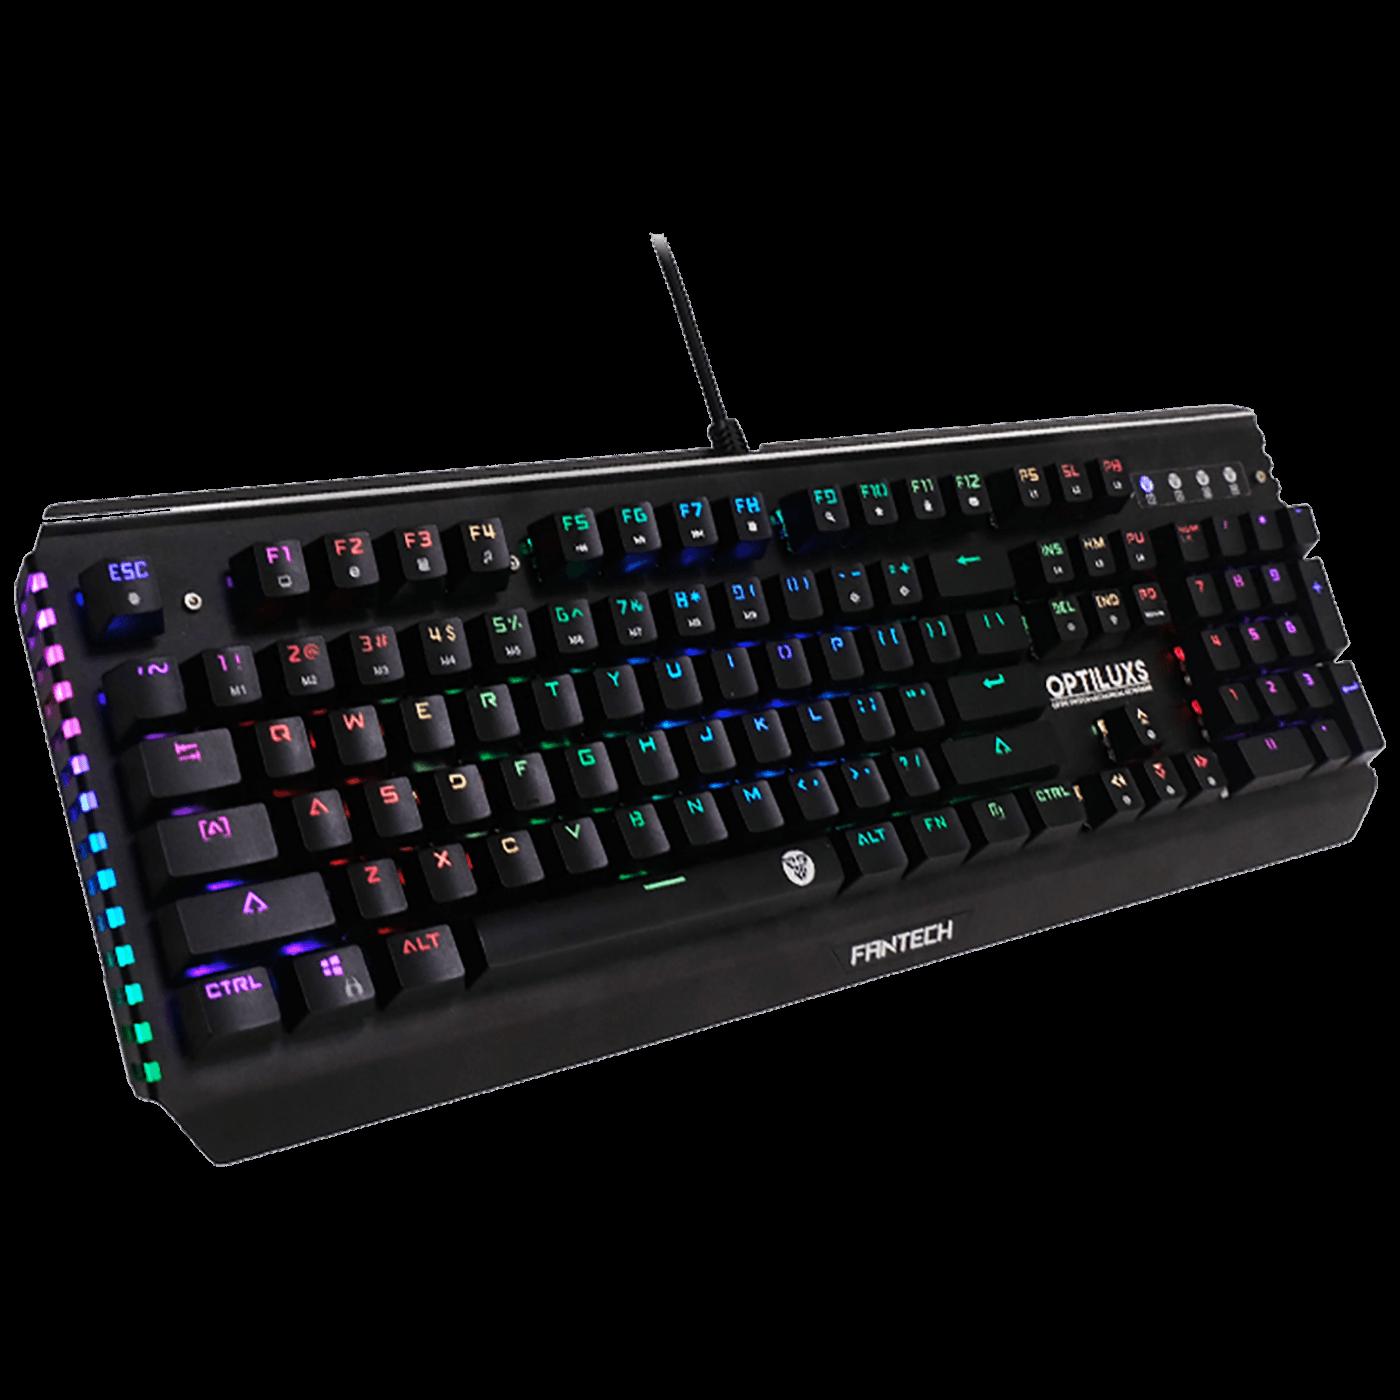 Tastatura sa RGB i bočnim osvjetljenjem, mehanička